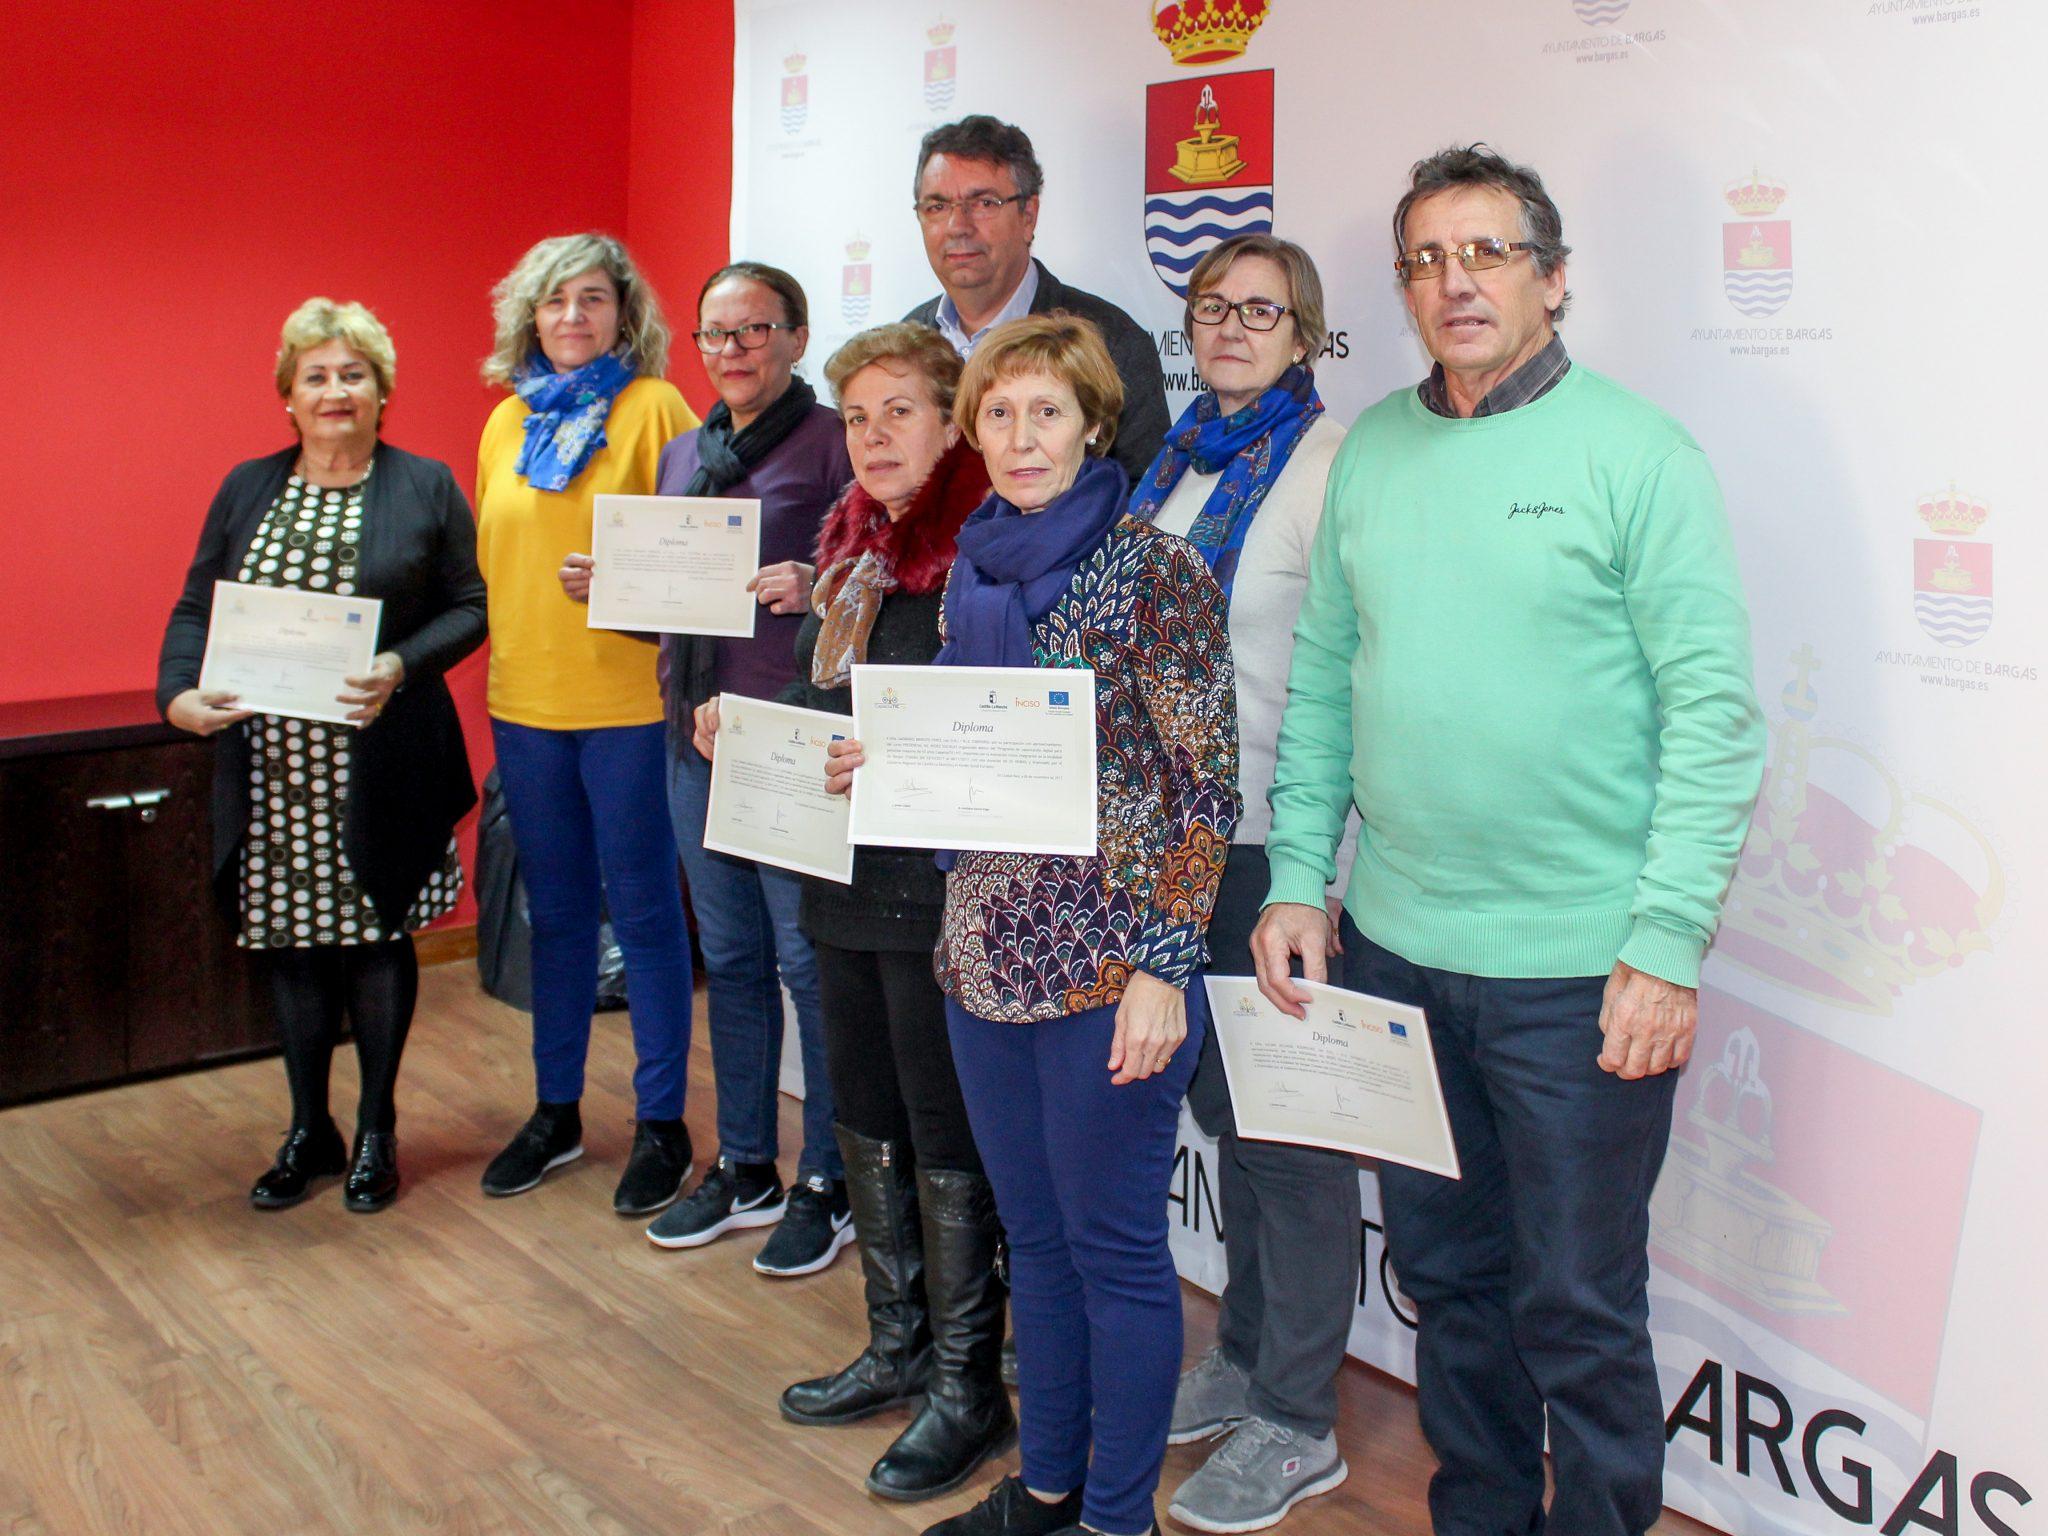 El Ayuntamiento de Bargas realiza la entrega de diplomas a las/os participantes del Segundo Curso de Informática para Mayores de 55 años, dentro del programa Capacitatic+55